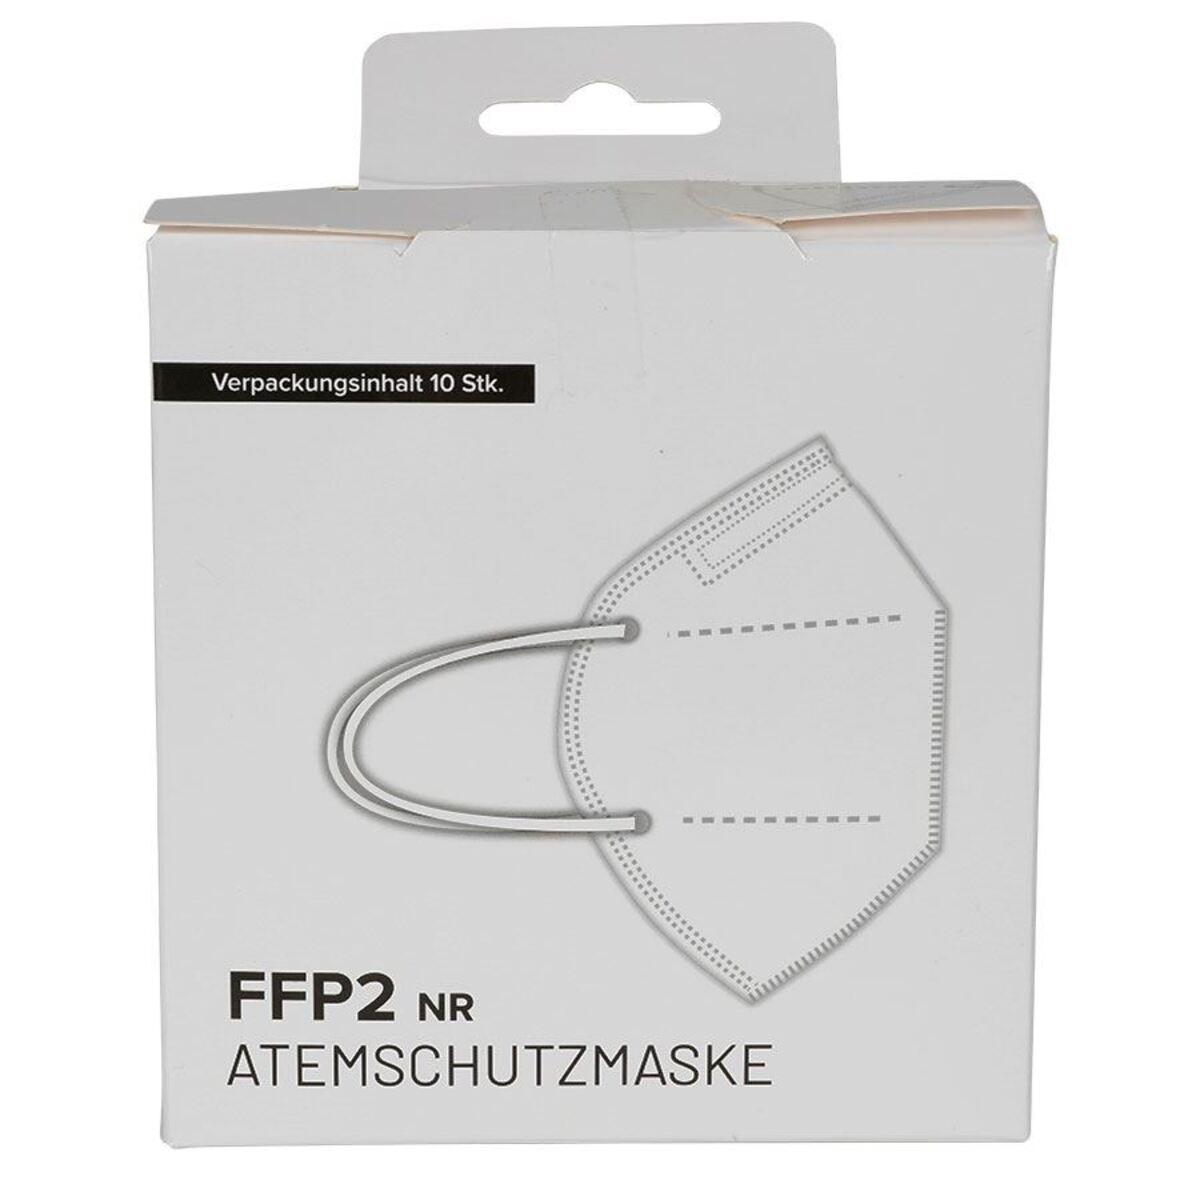 Bild 2 von Einweg Atemschutzmaske FFP2 10 Stück